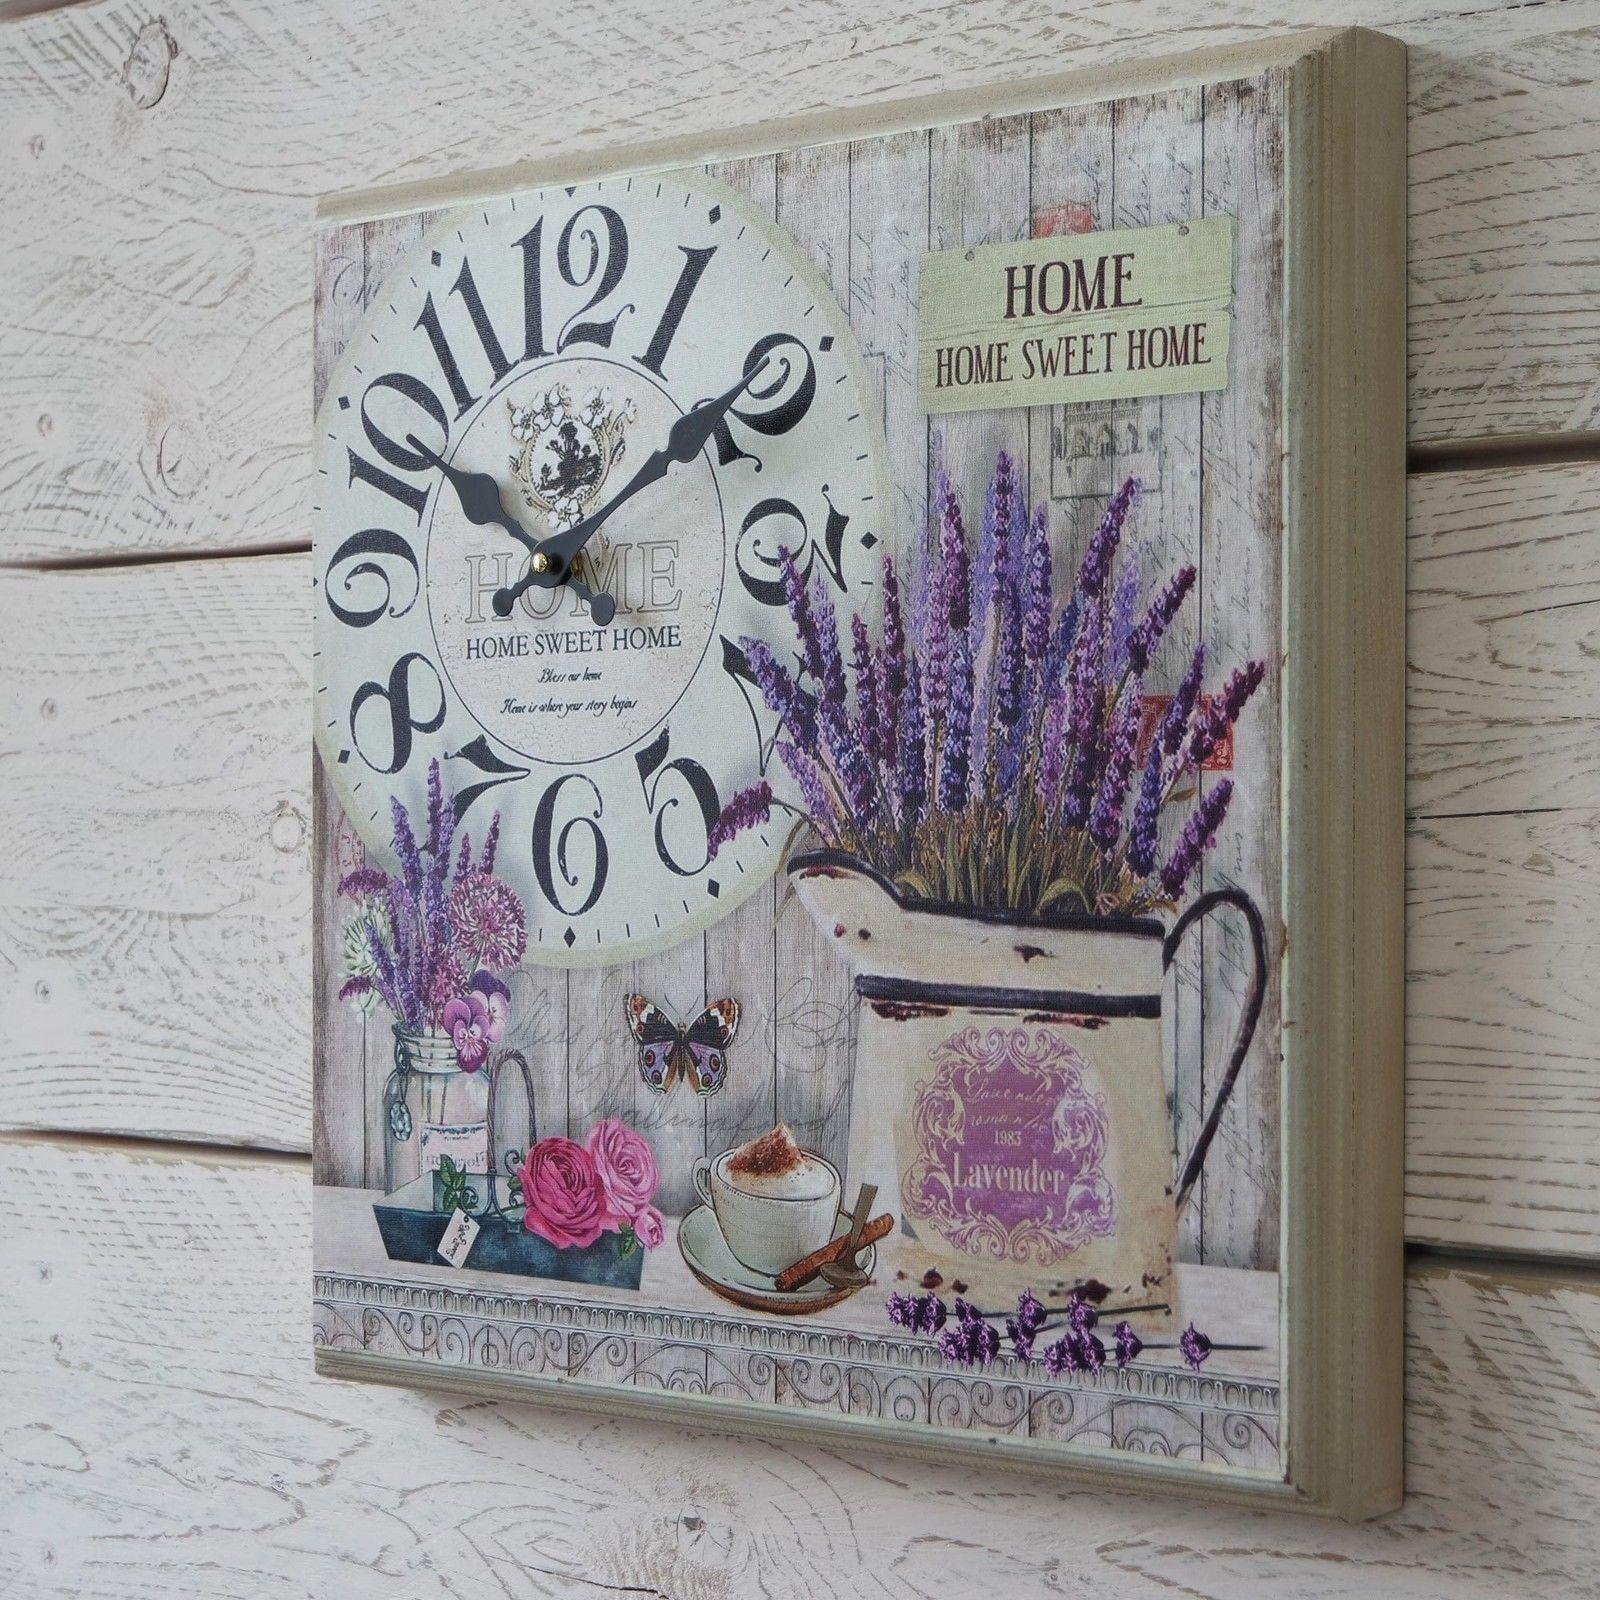 Home Sweet Home Vintage detalles de reloj de pared de madera en caja vintage cantueso lona